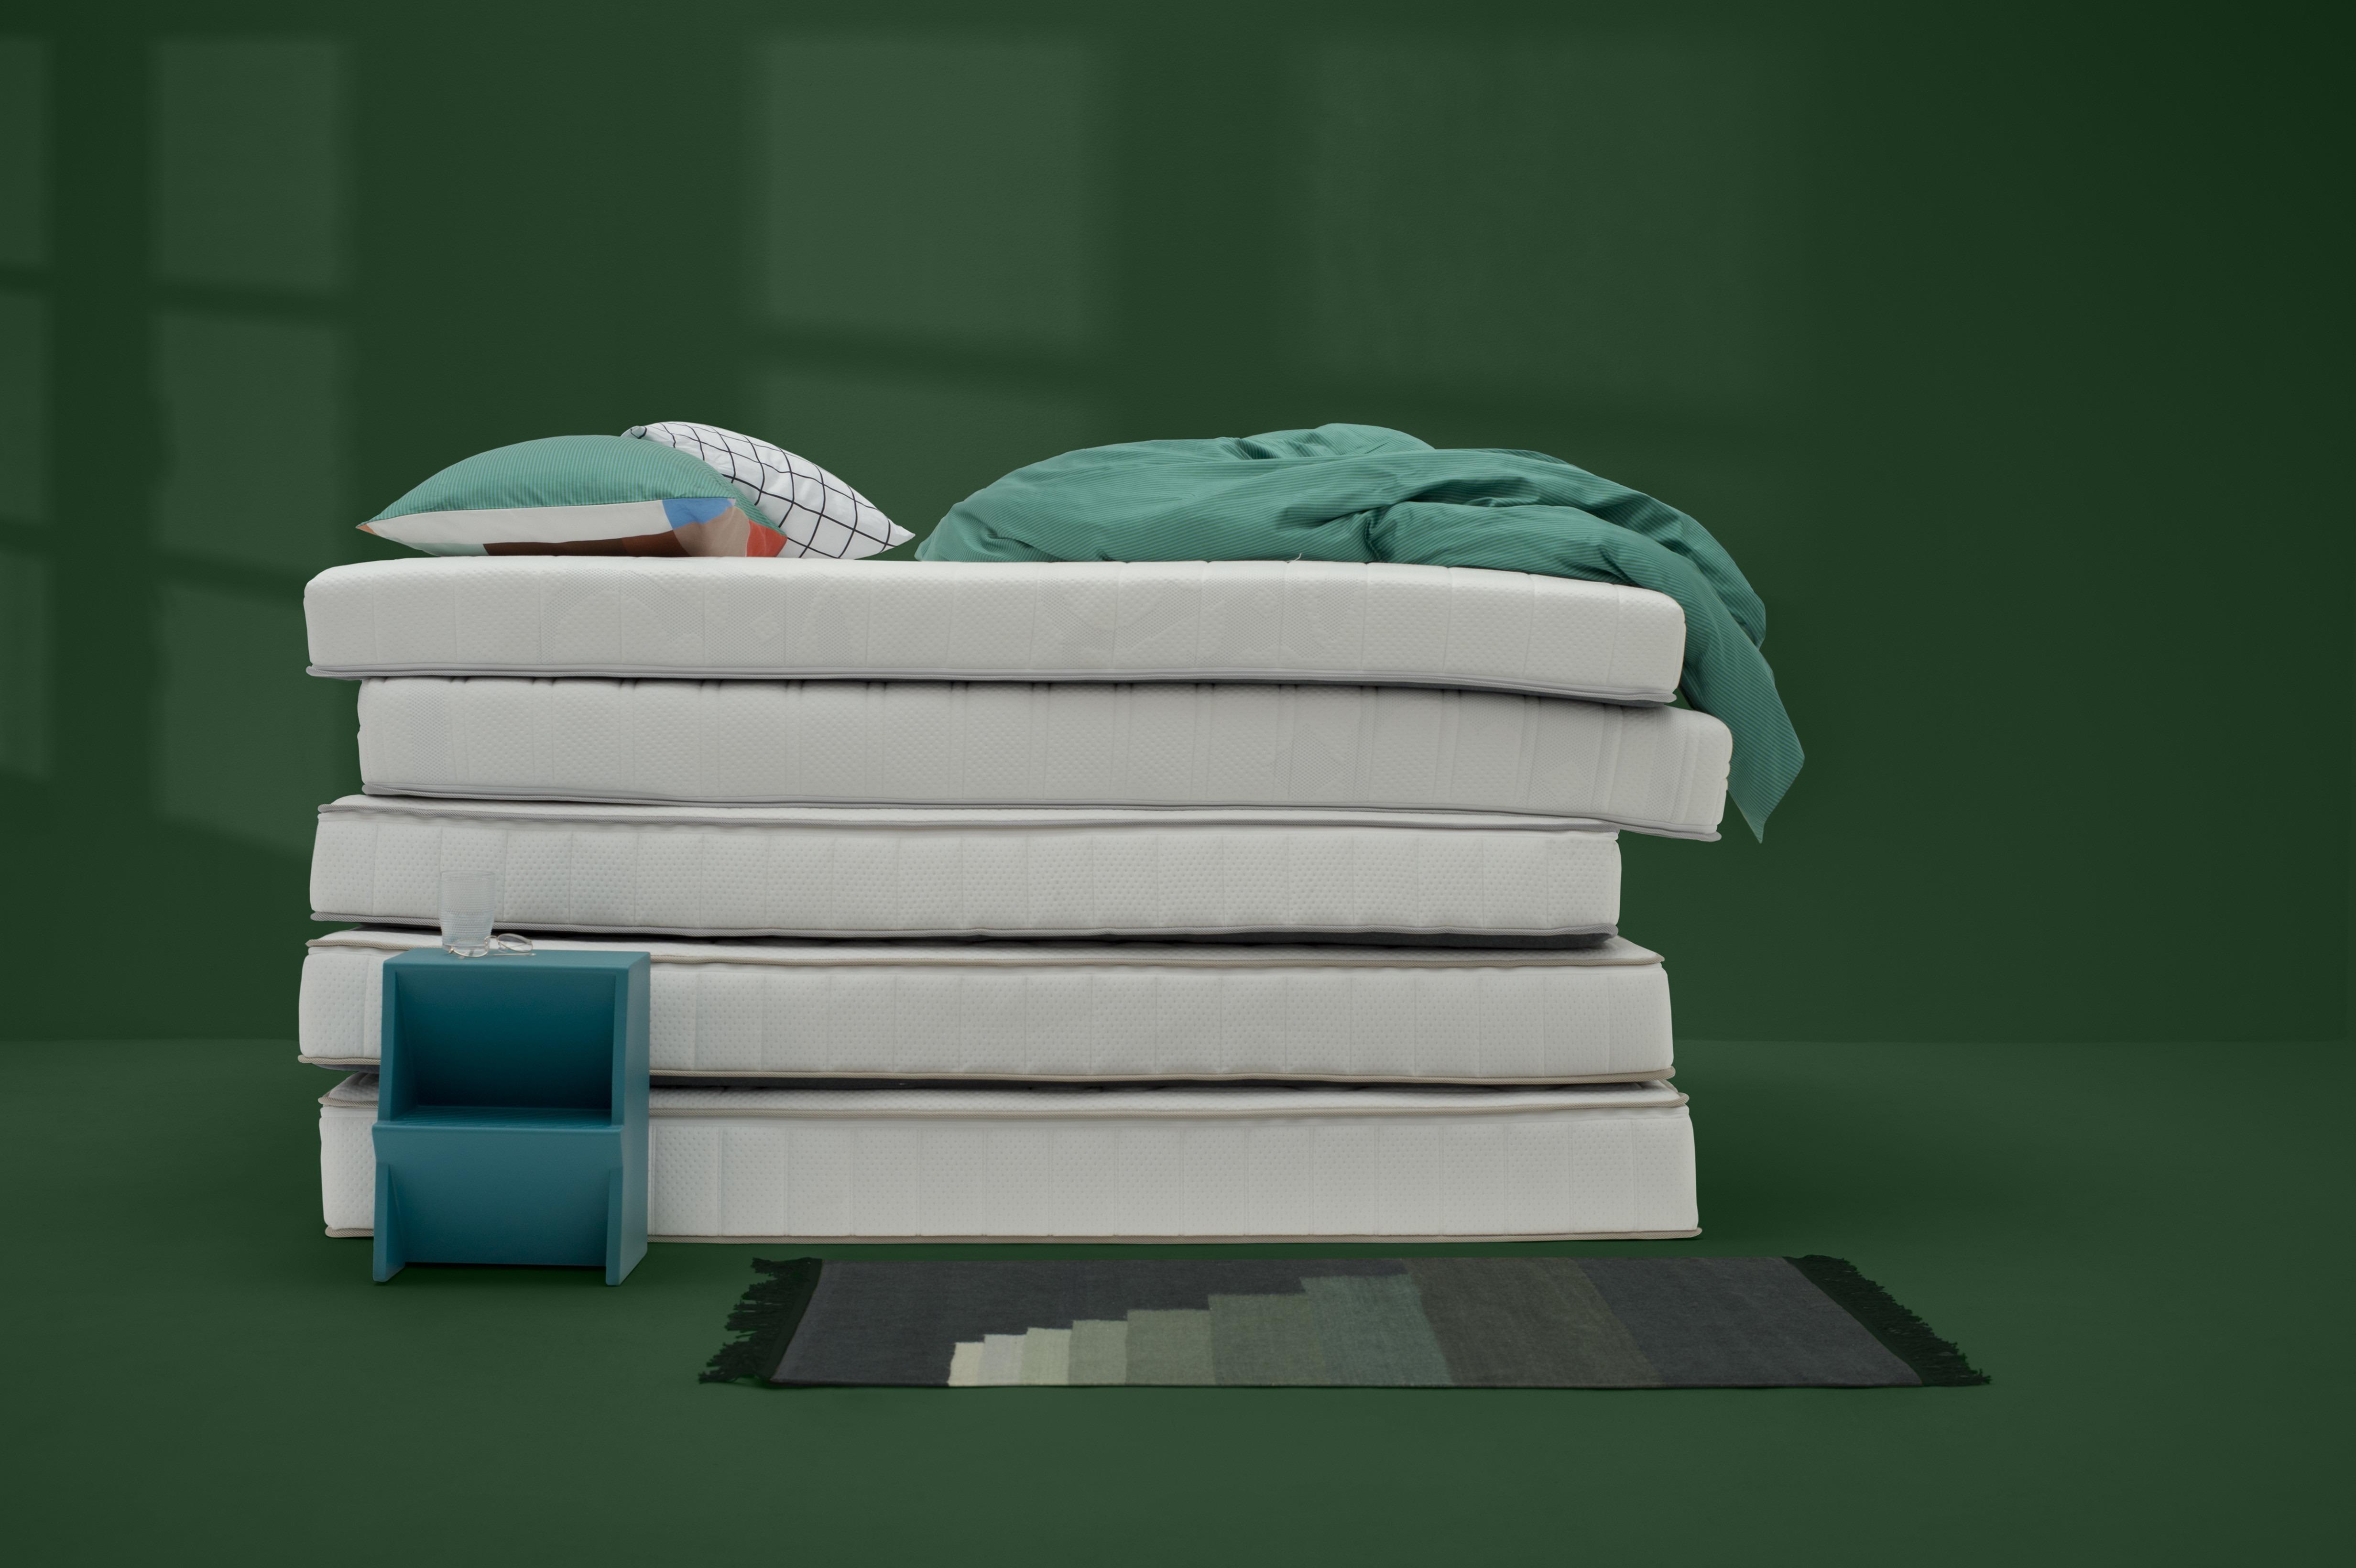 quand devez vous changer votre matelas auping. Black Bedroom Furniture Sets. Home Design Ideas